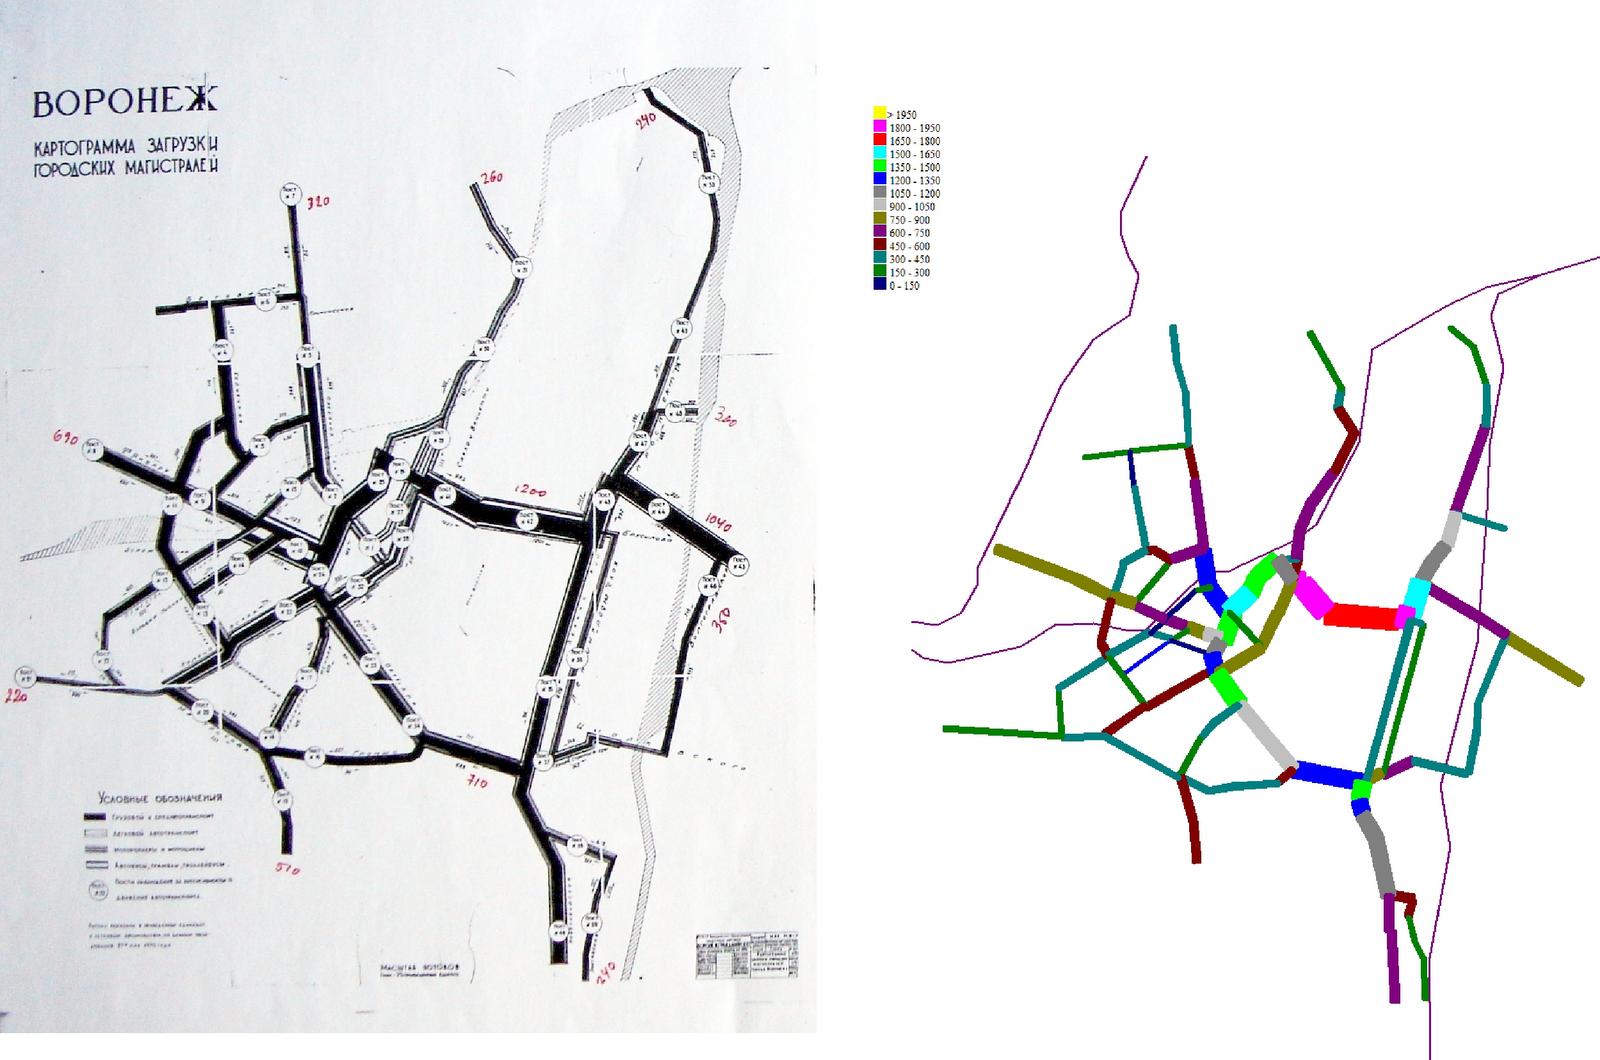 2. Схема № 2. Сопоставление расчётных автомобилепотоков (справа) с картограммой автомобилепотоков по обследованию на МУДС (слева)